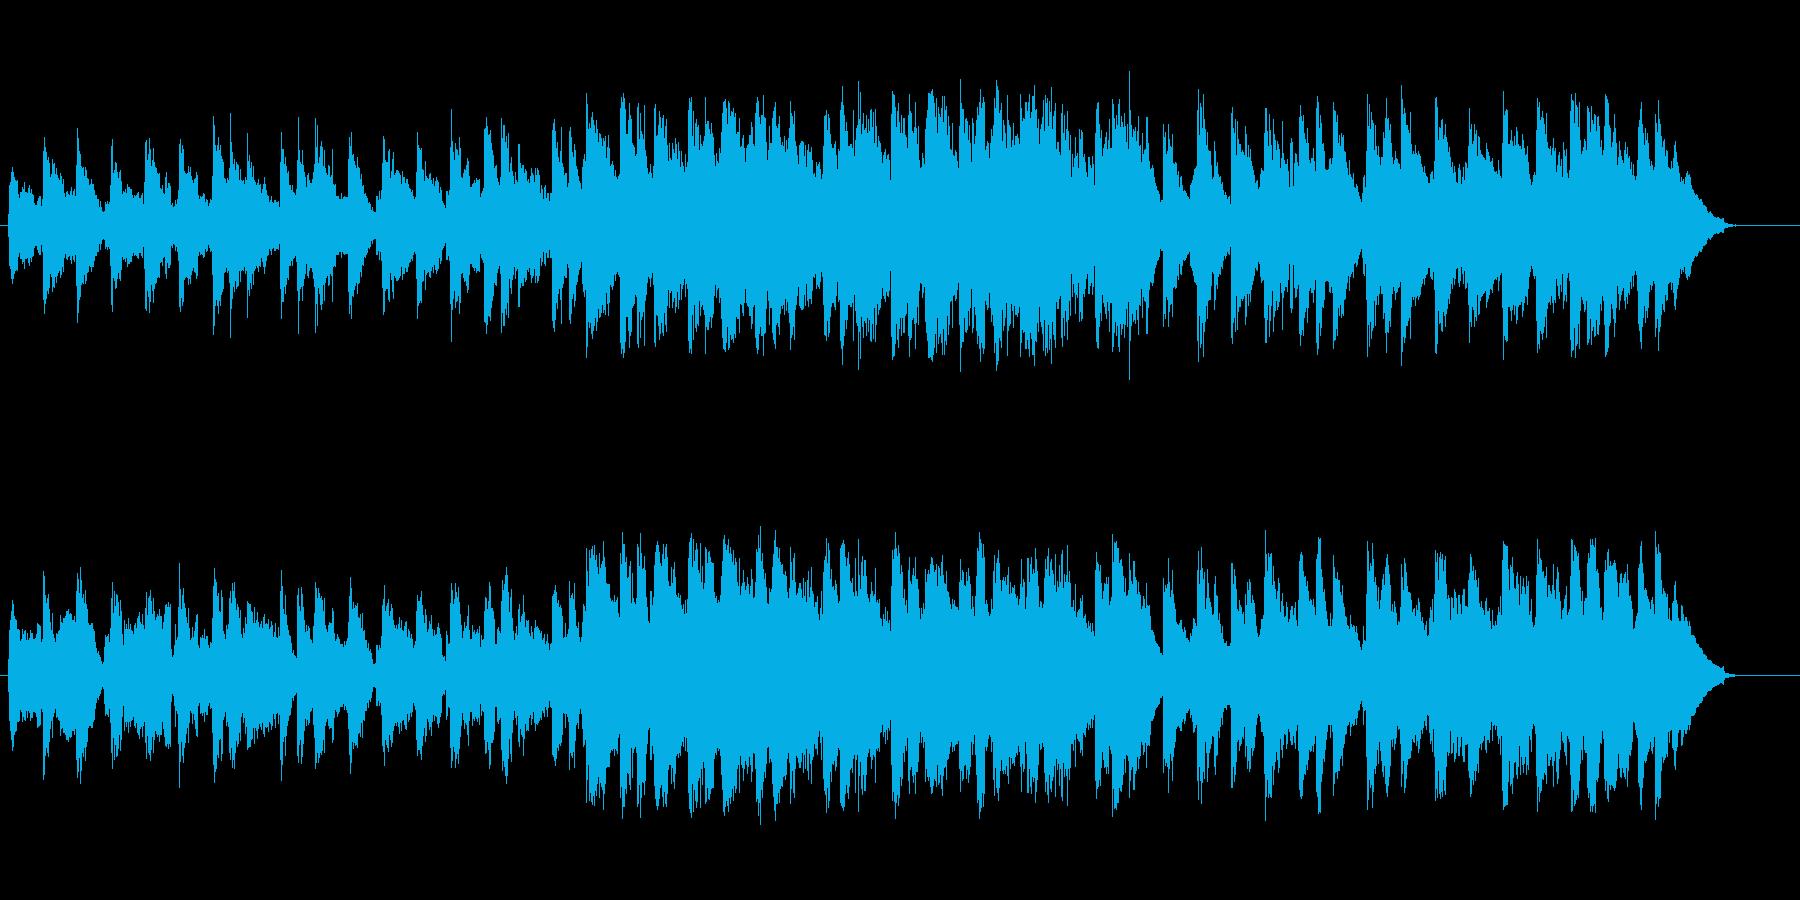 自然な優しい透明感の穏やかなBGMの再生済みの波形